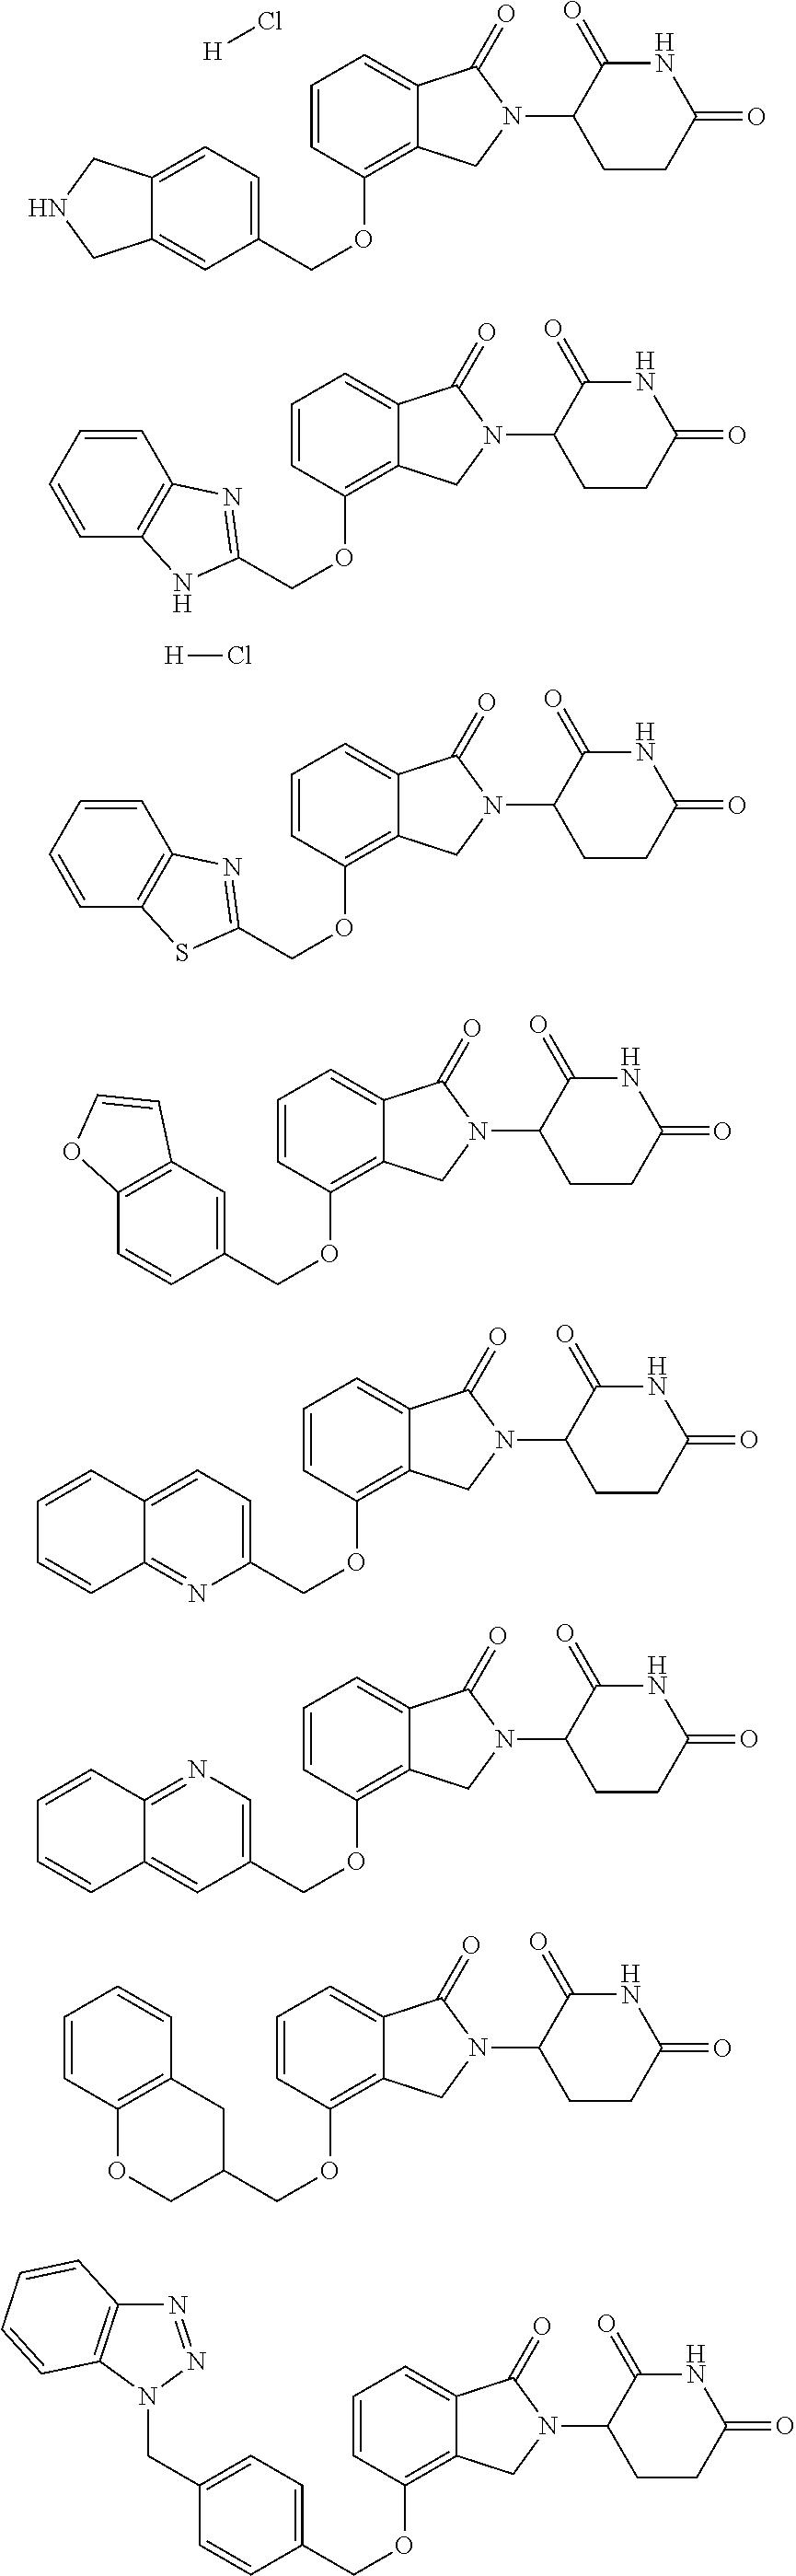 Figure US09822094-20171121-C00024